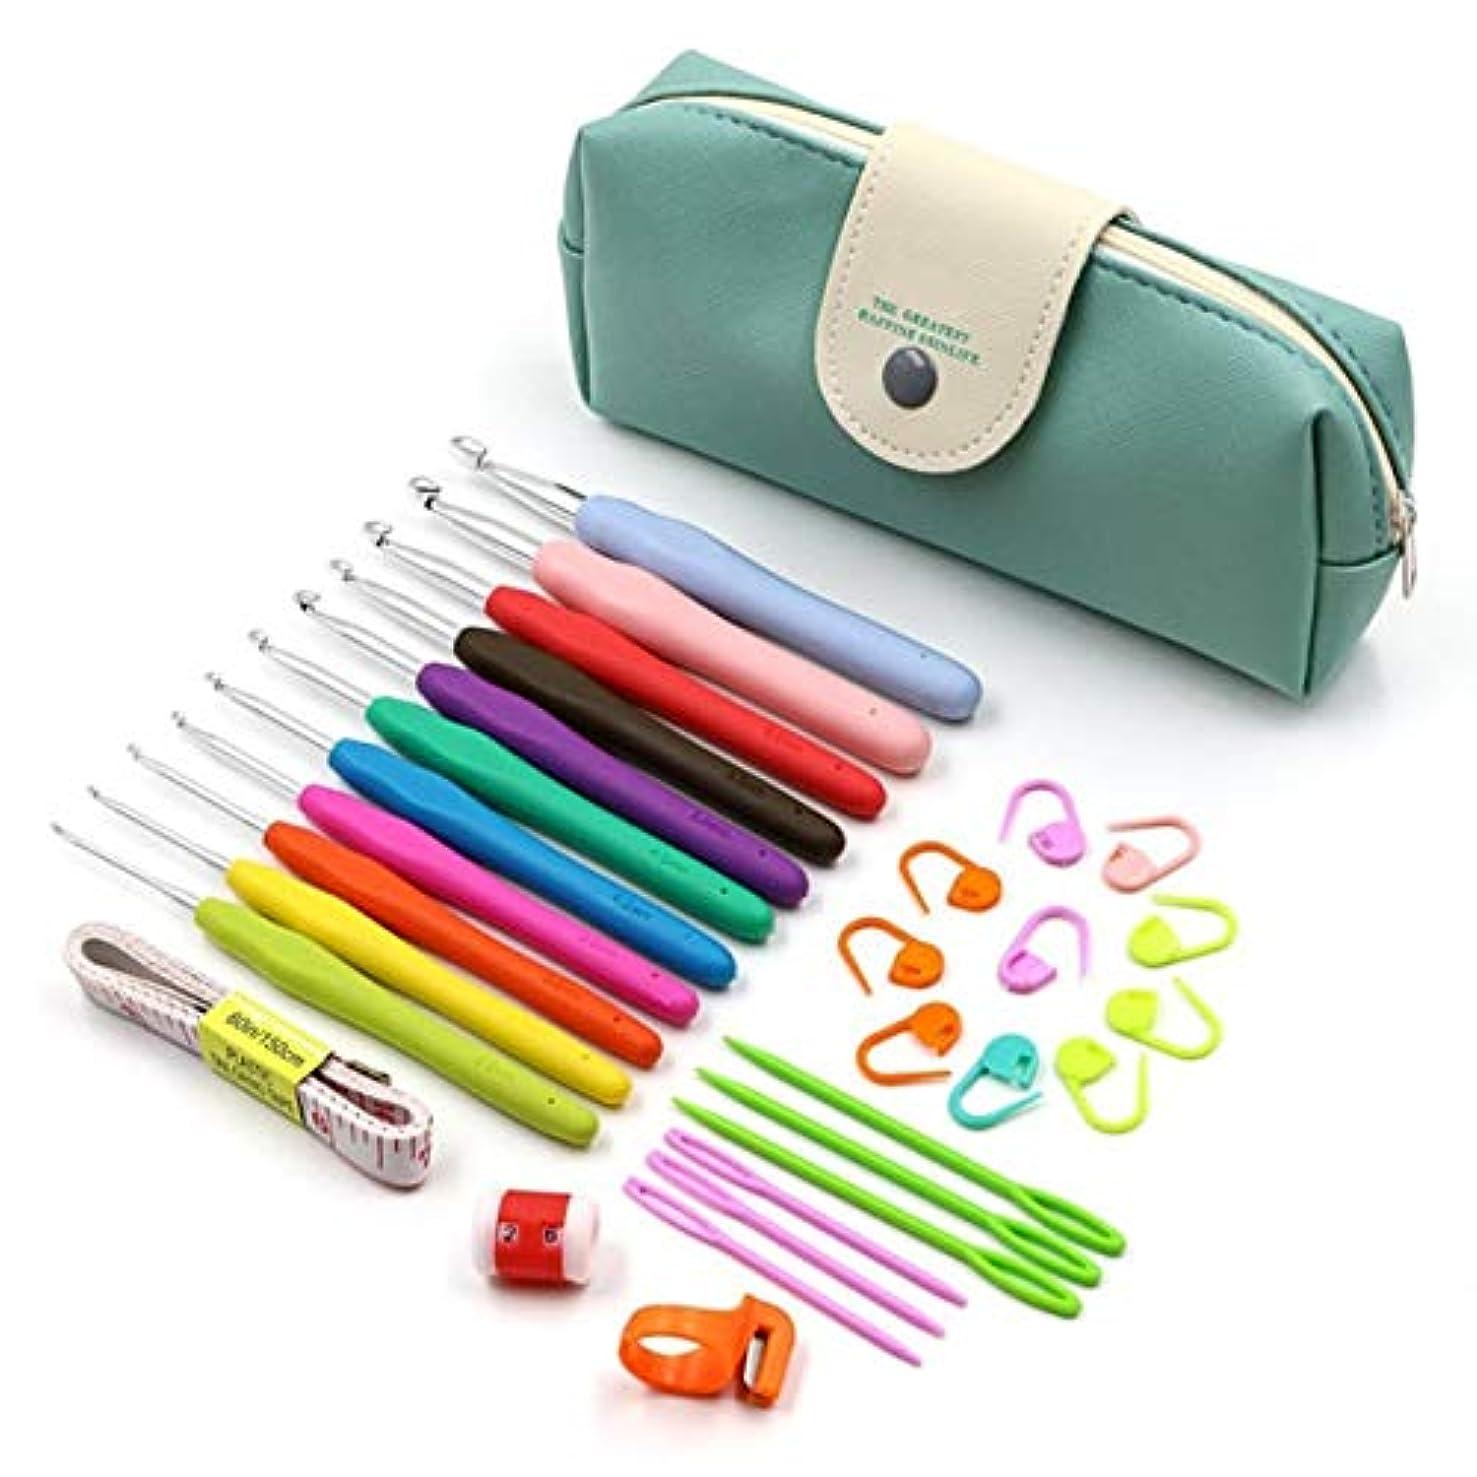 うがい薬行うのSaikogoods ソフトハンドル 収納袋付きアルミかぎ針編みのフックキット 糸編み物針 裁縫ツール 人間工学に基づいたグリップセット 多色